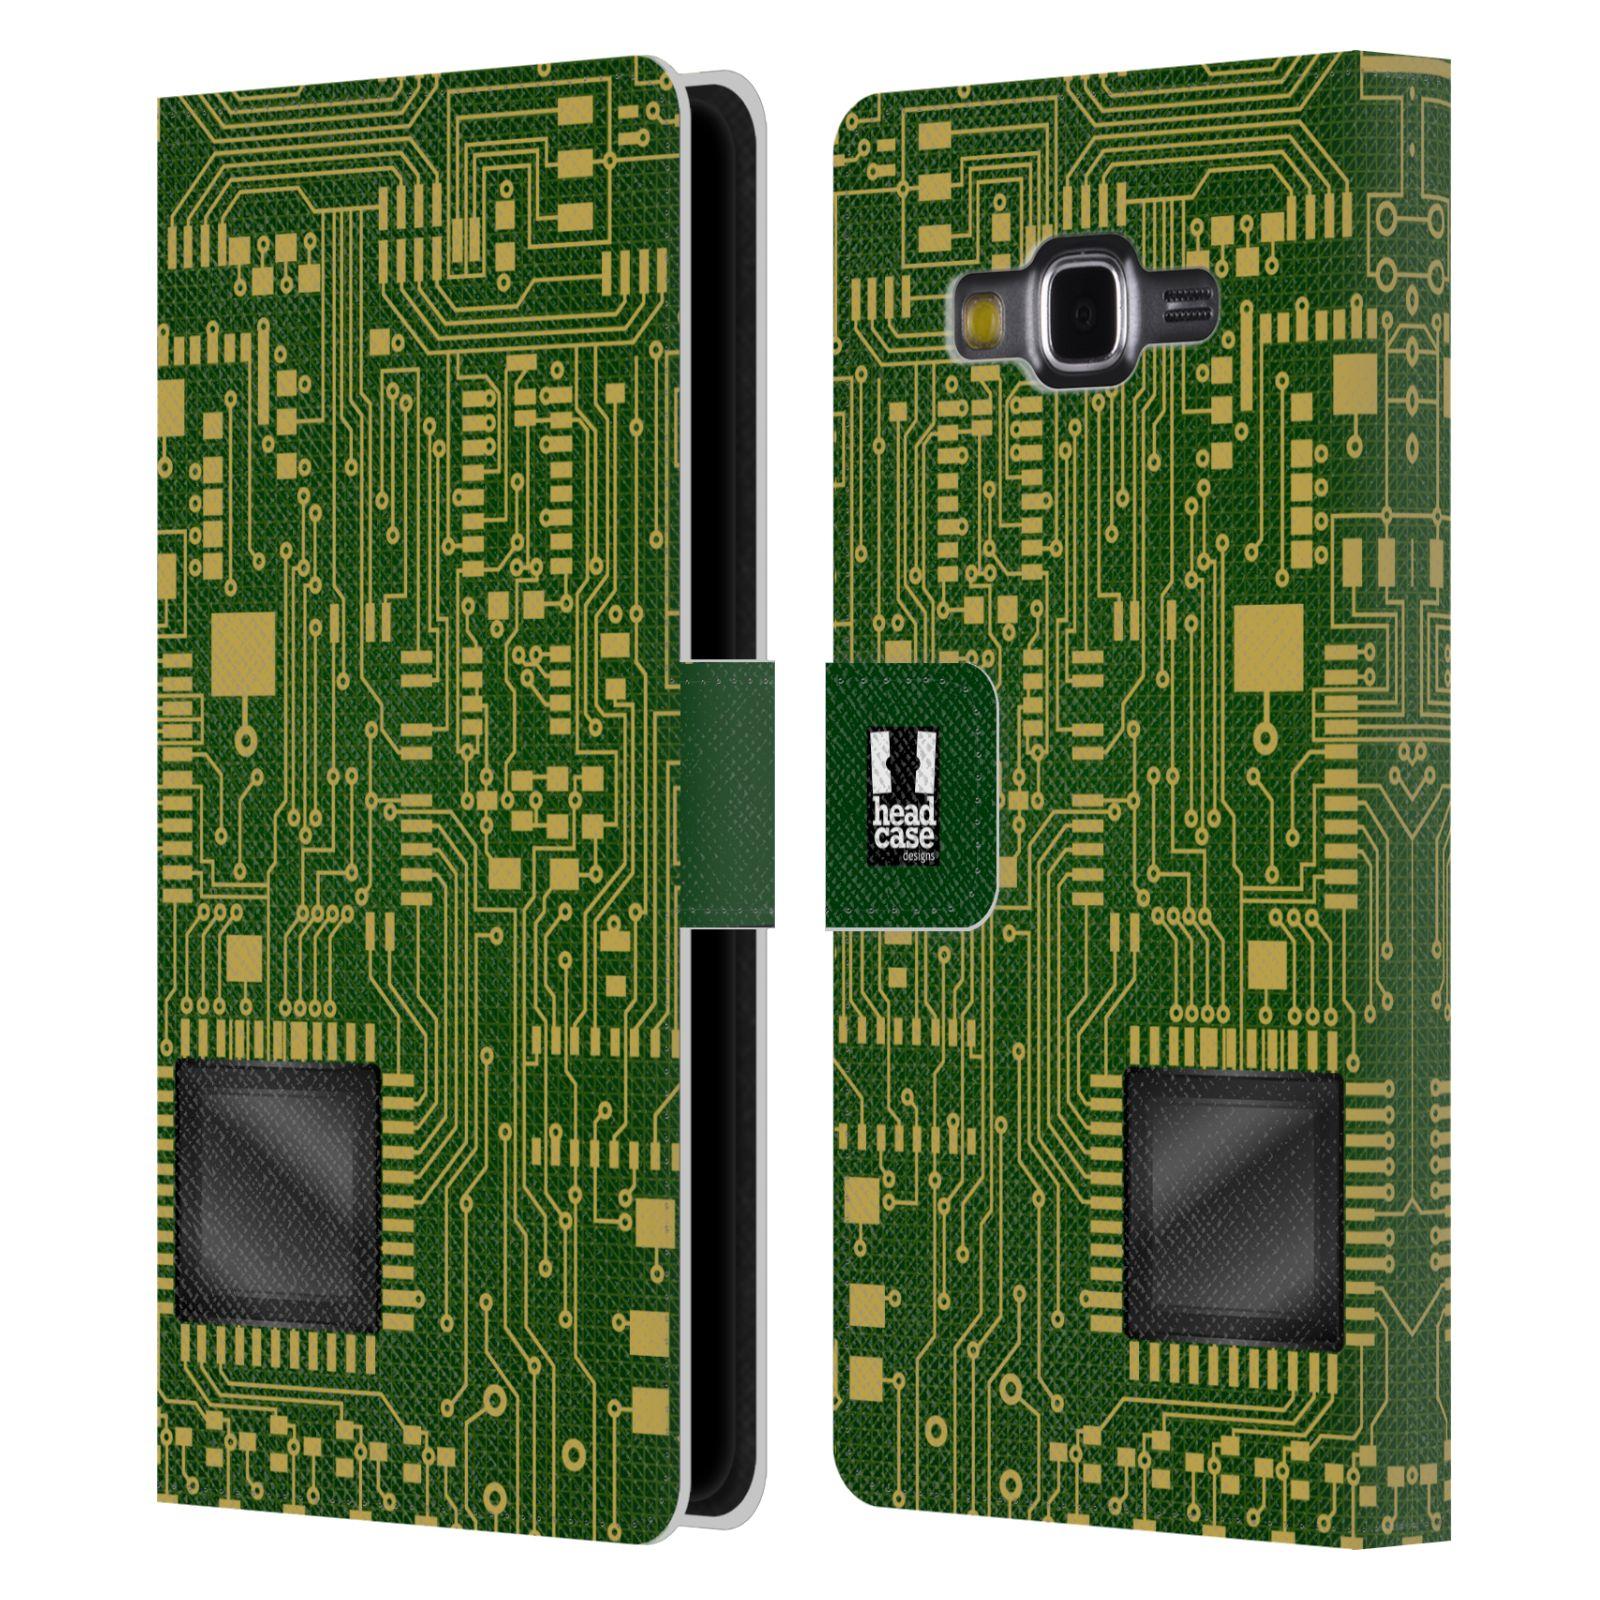 HEAD CASE Flipové pouzdro pro mobil Samsung Galaxy Grand PRIME počítač základní deska zelená barva velký čip